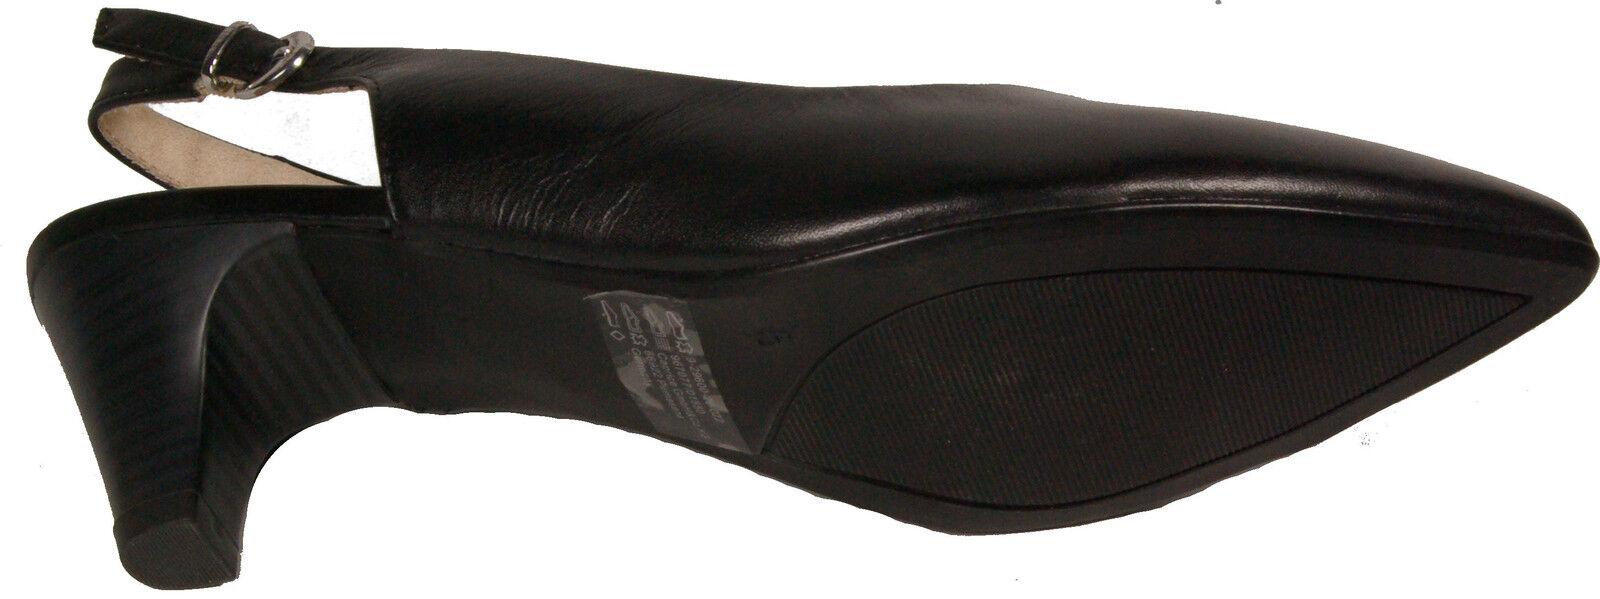 CAPRICE laufen Schuhe Sling Pumps Schwarz echt Leder - laufen CAPRICE auf Luft - NEU aaebeb